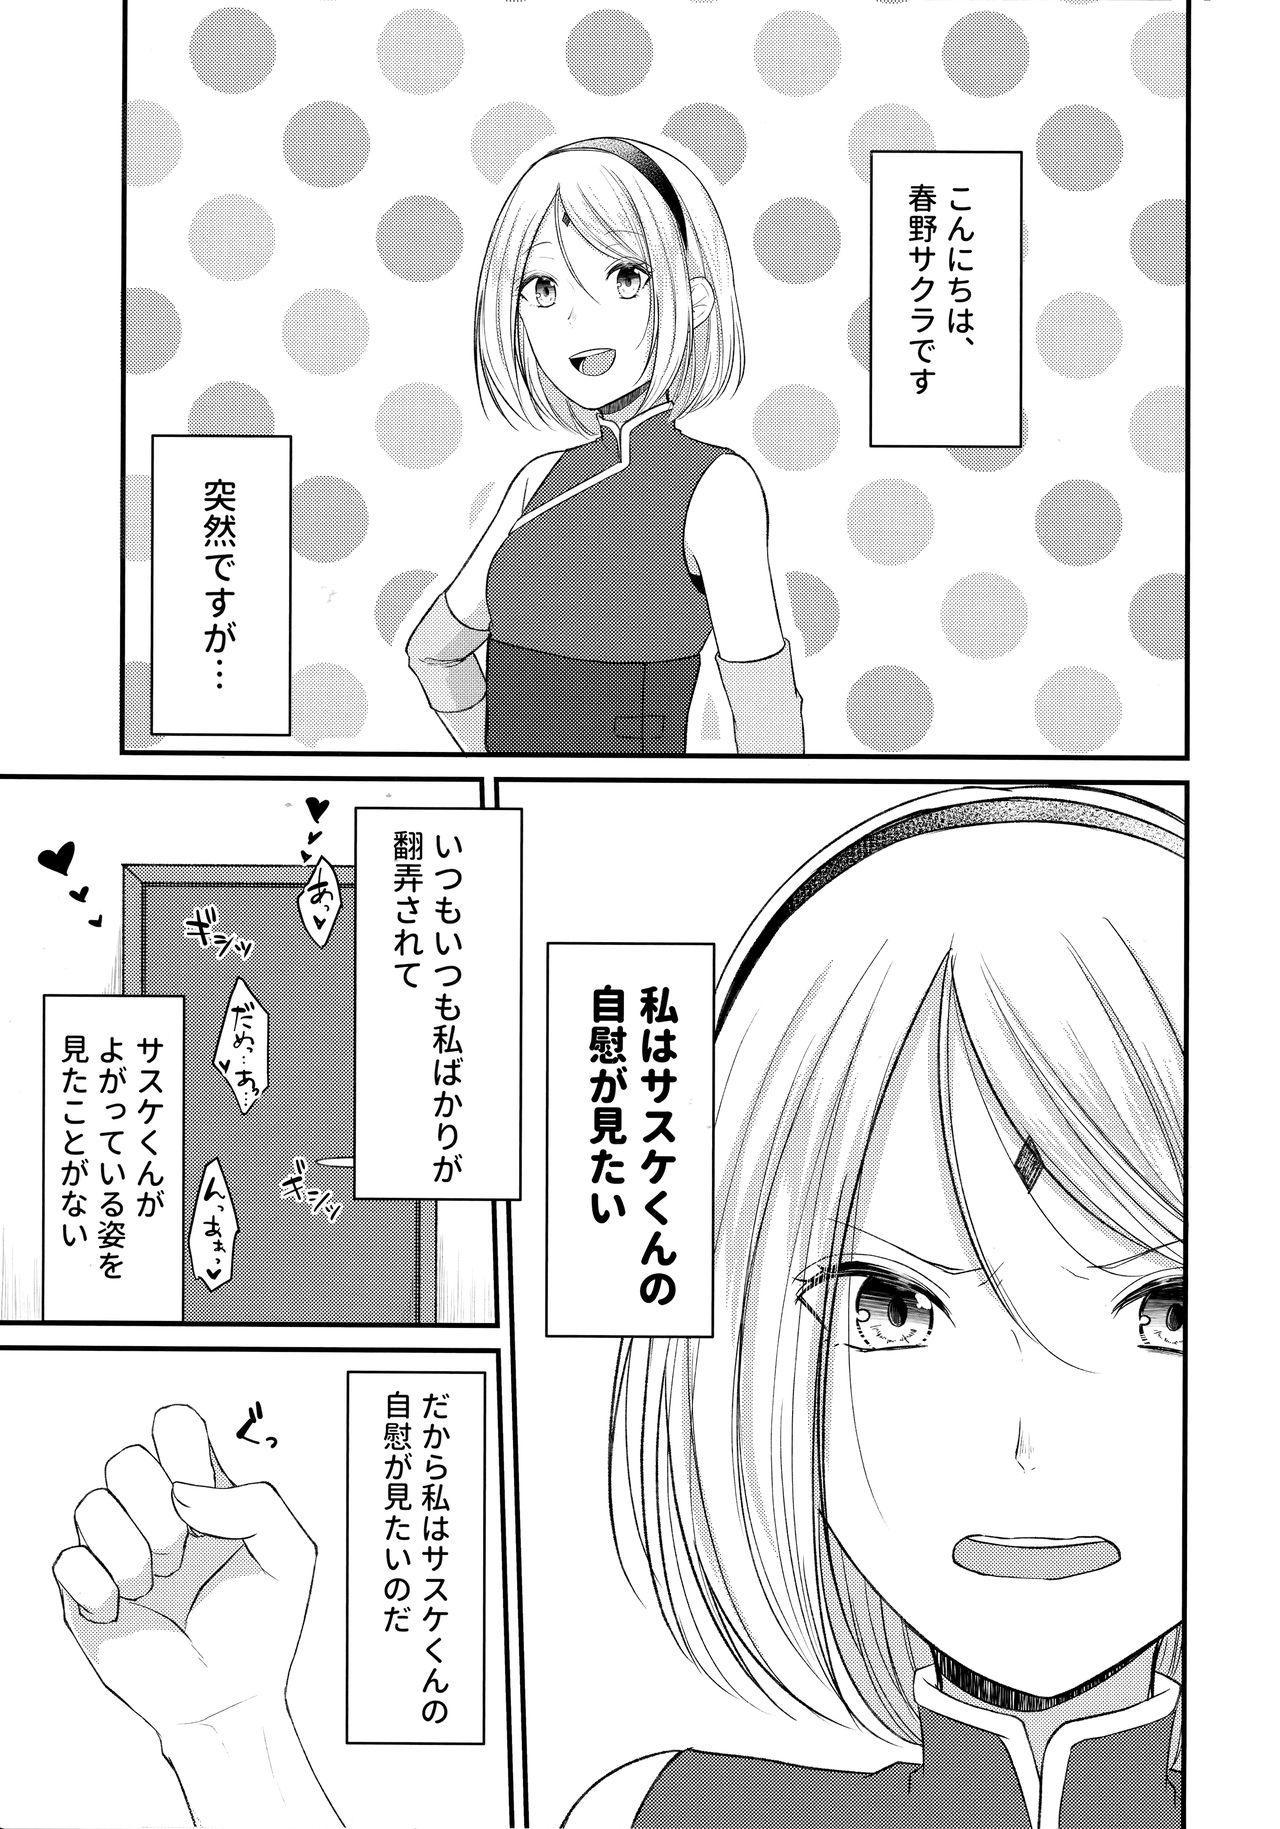 Koukishin wa Neko o Korosu 3